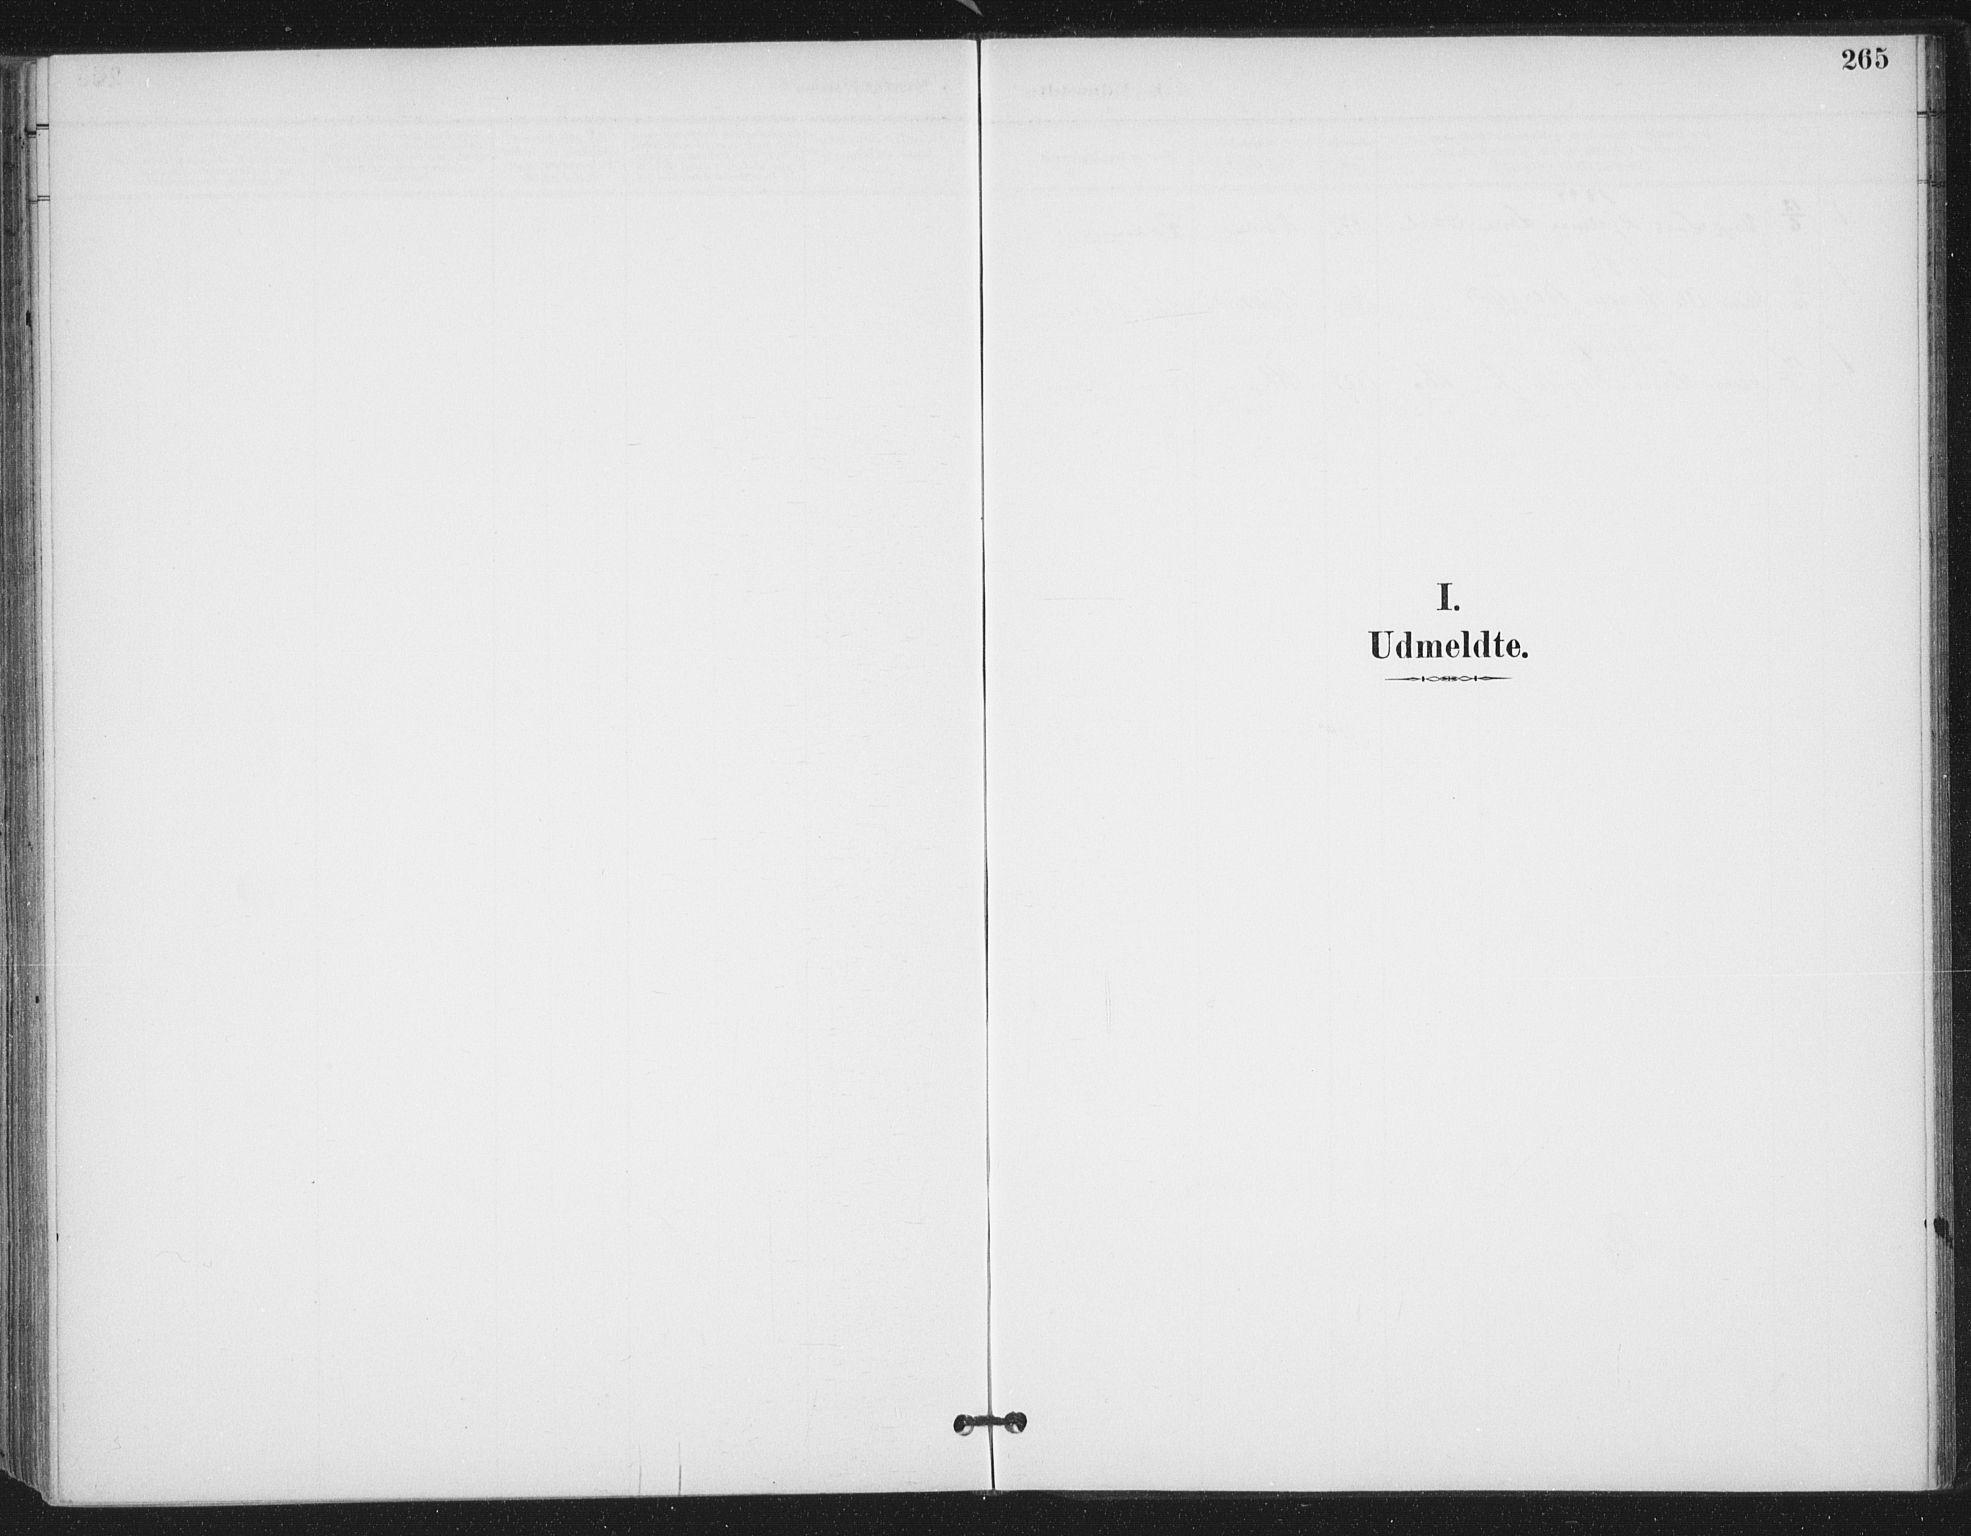 SAT, Ministerialprotokoller, klokkerbøker og fødselsregistre - Sør-Trøndelag, 657/L0708: Ministerialbok nr. 657A09, 1894-1904, s. 265